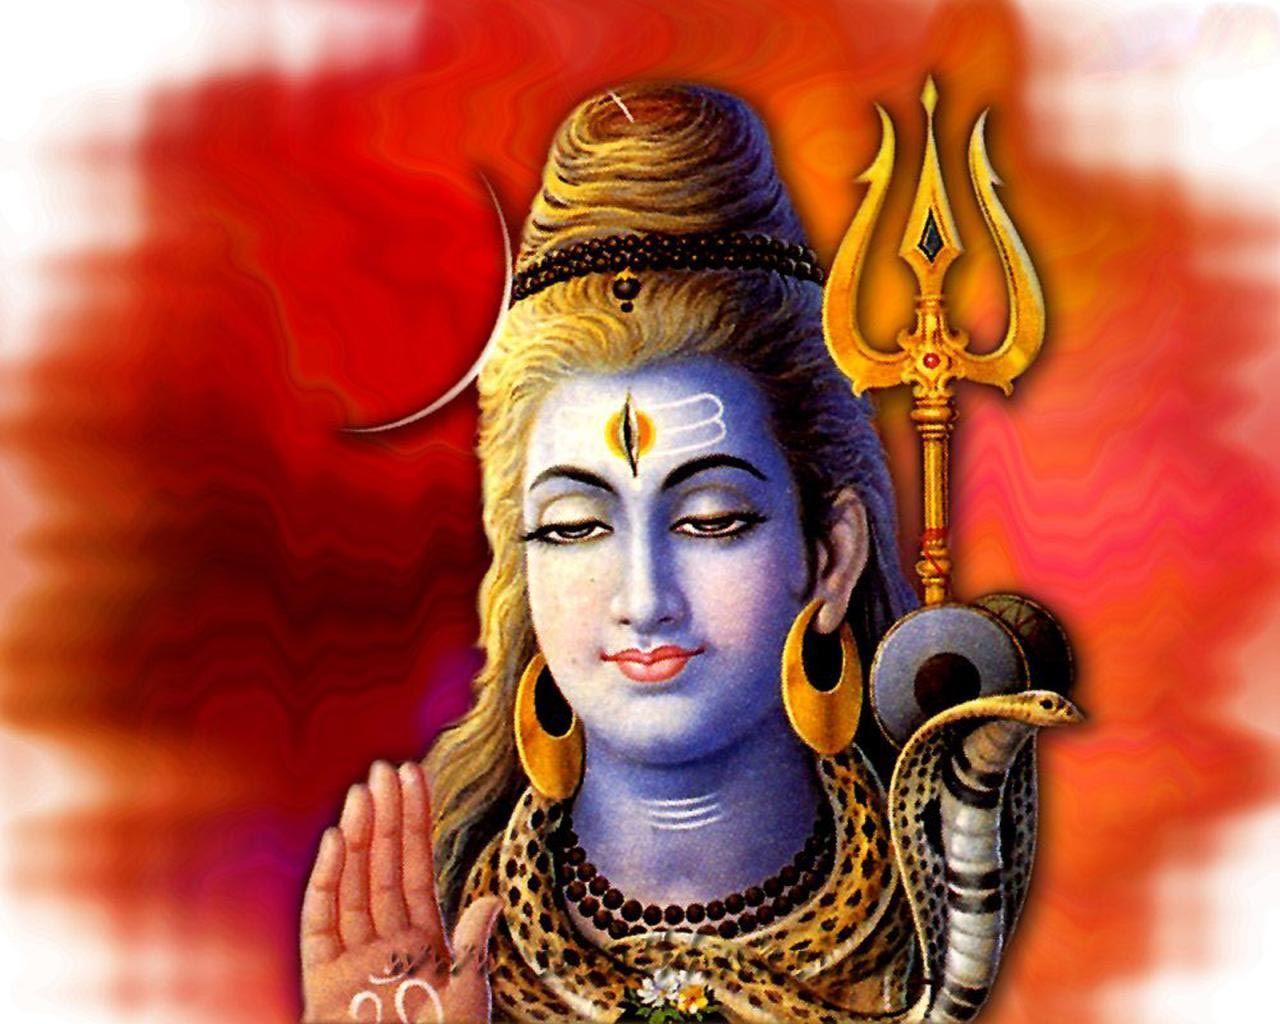 Mahadev Shiva Hd Photos Download: Mahadev Lord Shiva New Hd Desktop